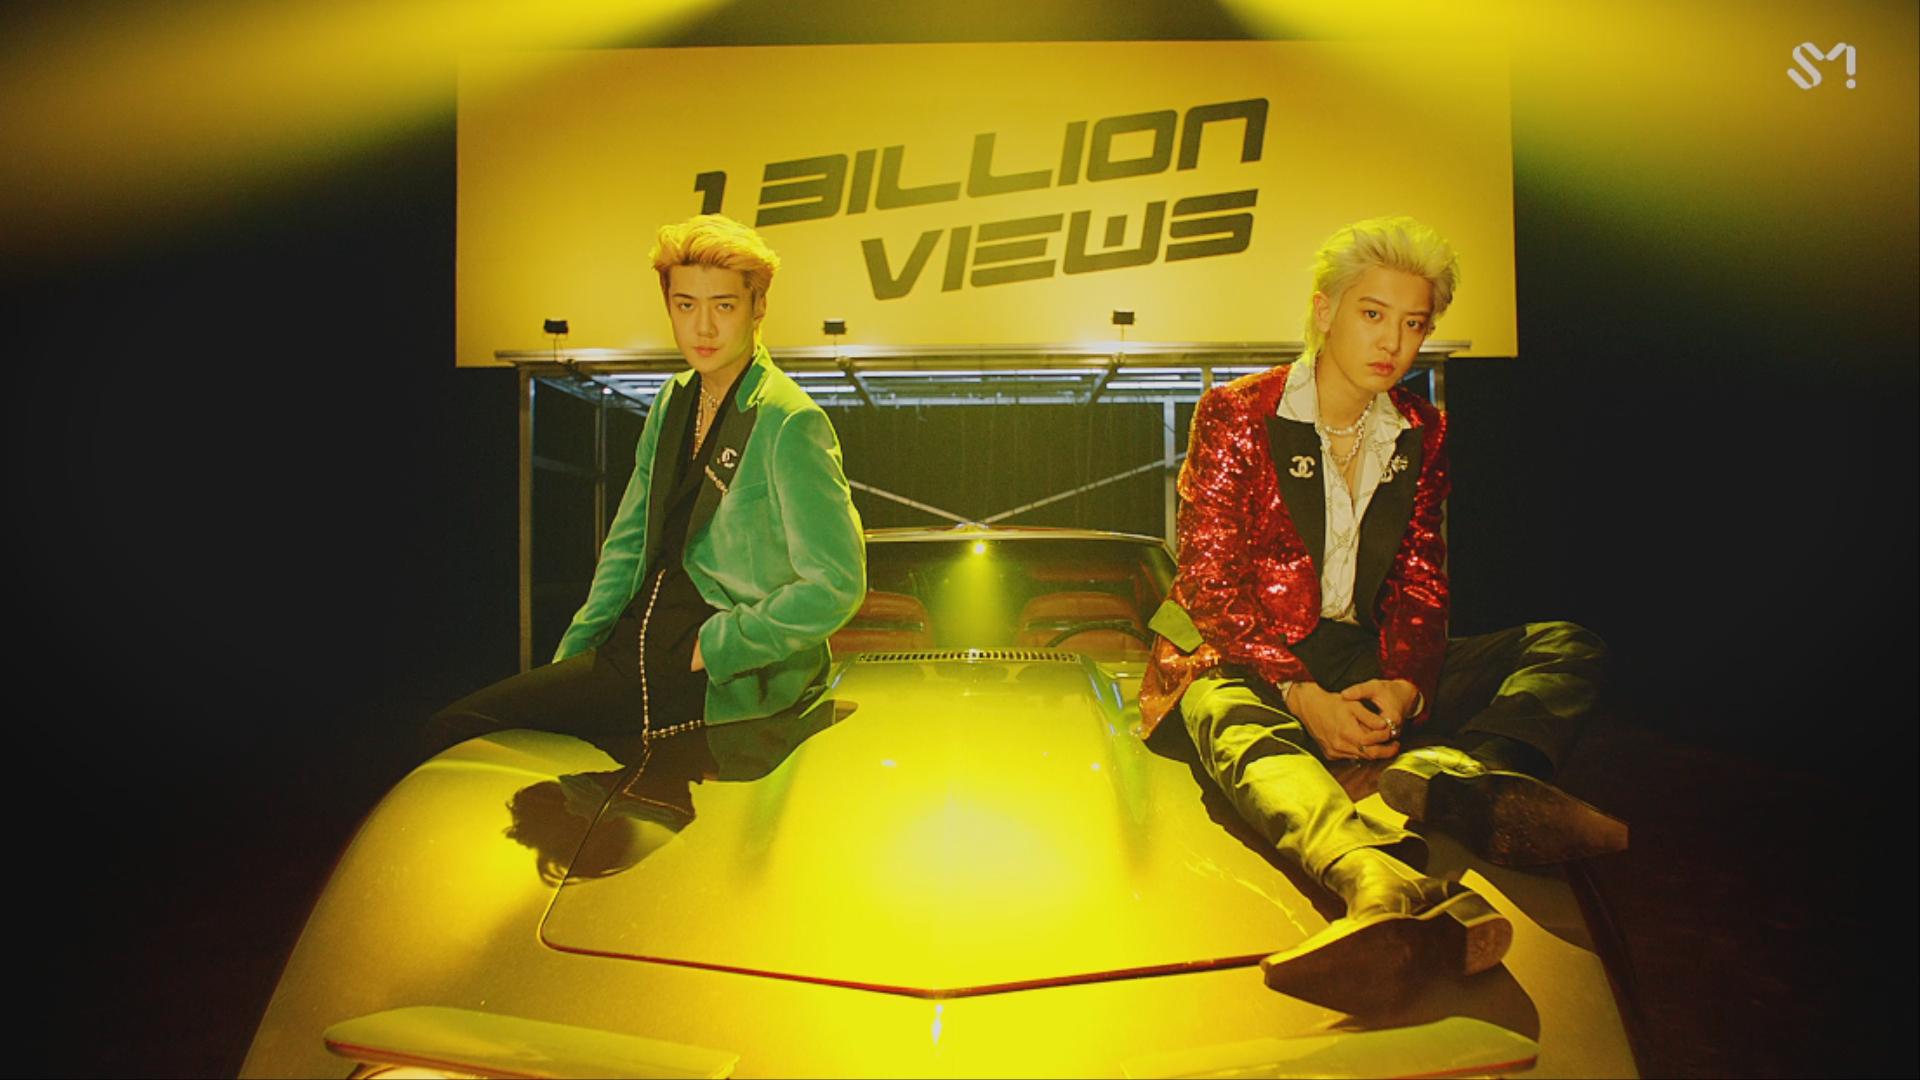 EXO-SC 세훈&찬열 '10억뷰 (1 Billion Views) (Feat. MOON)' MV